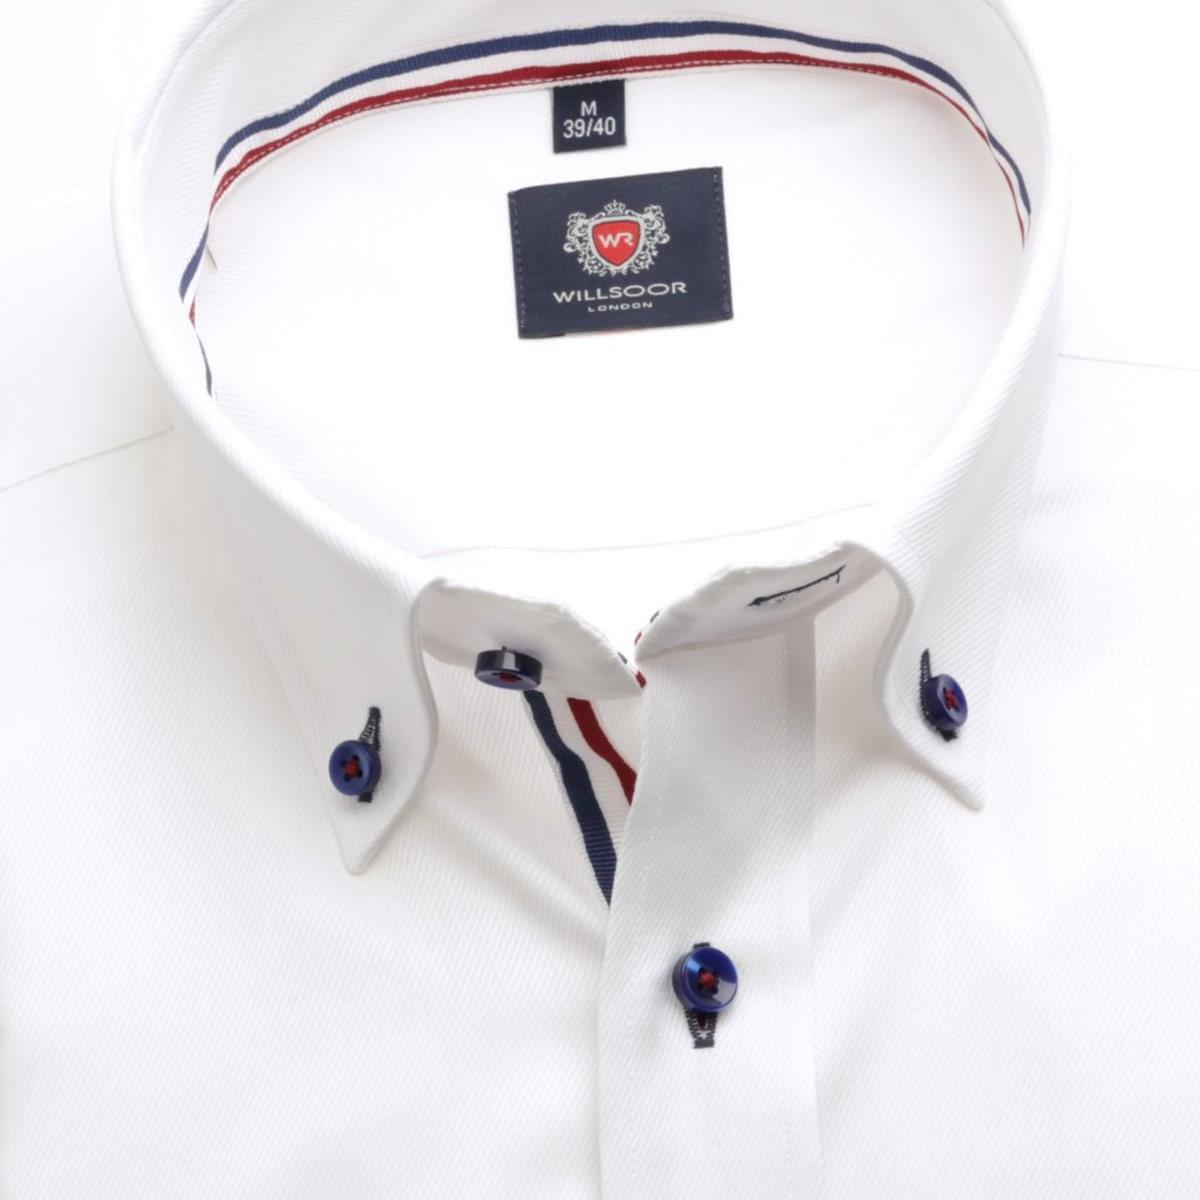 Pánská klasická košile London (výška 188-194) 6201 v bílé barvě s formulí Easy Care 188-194 / XXL (45/46)